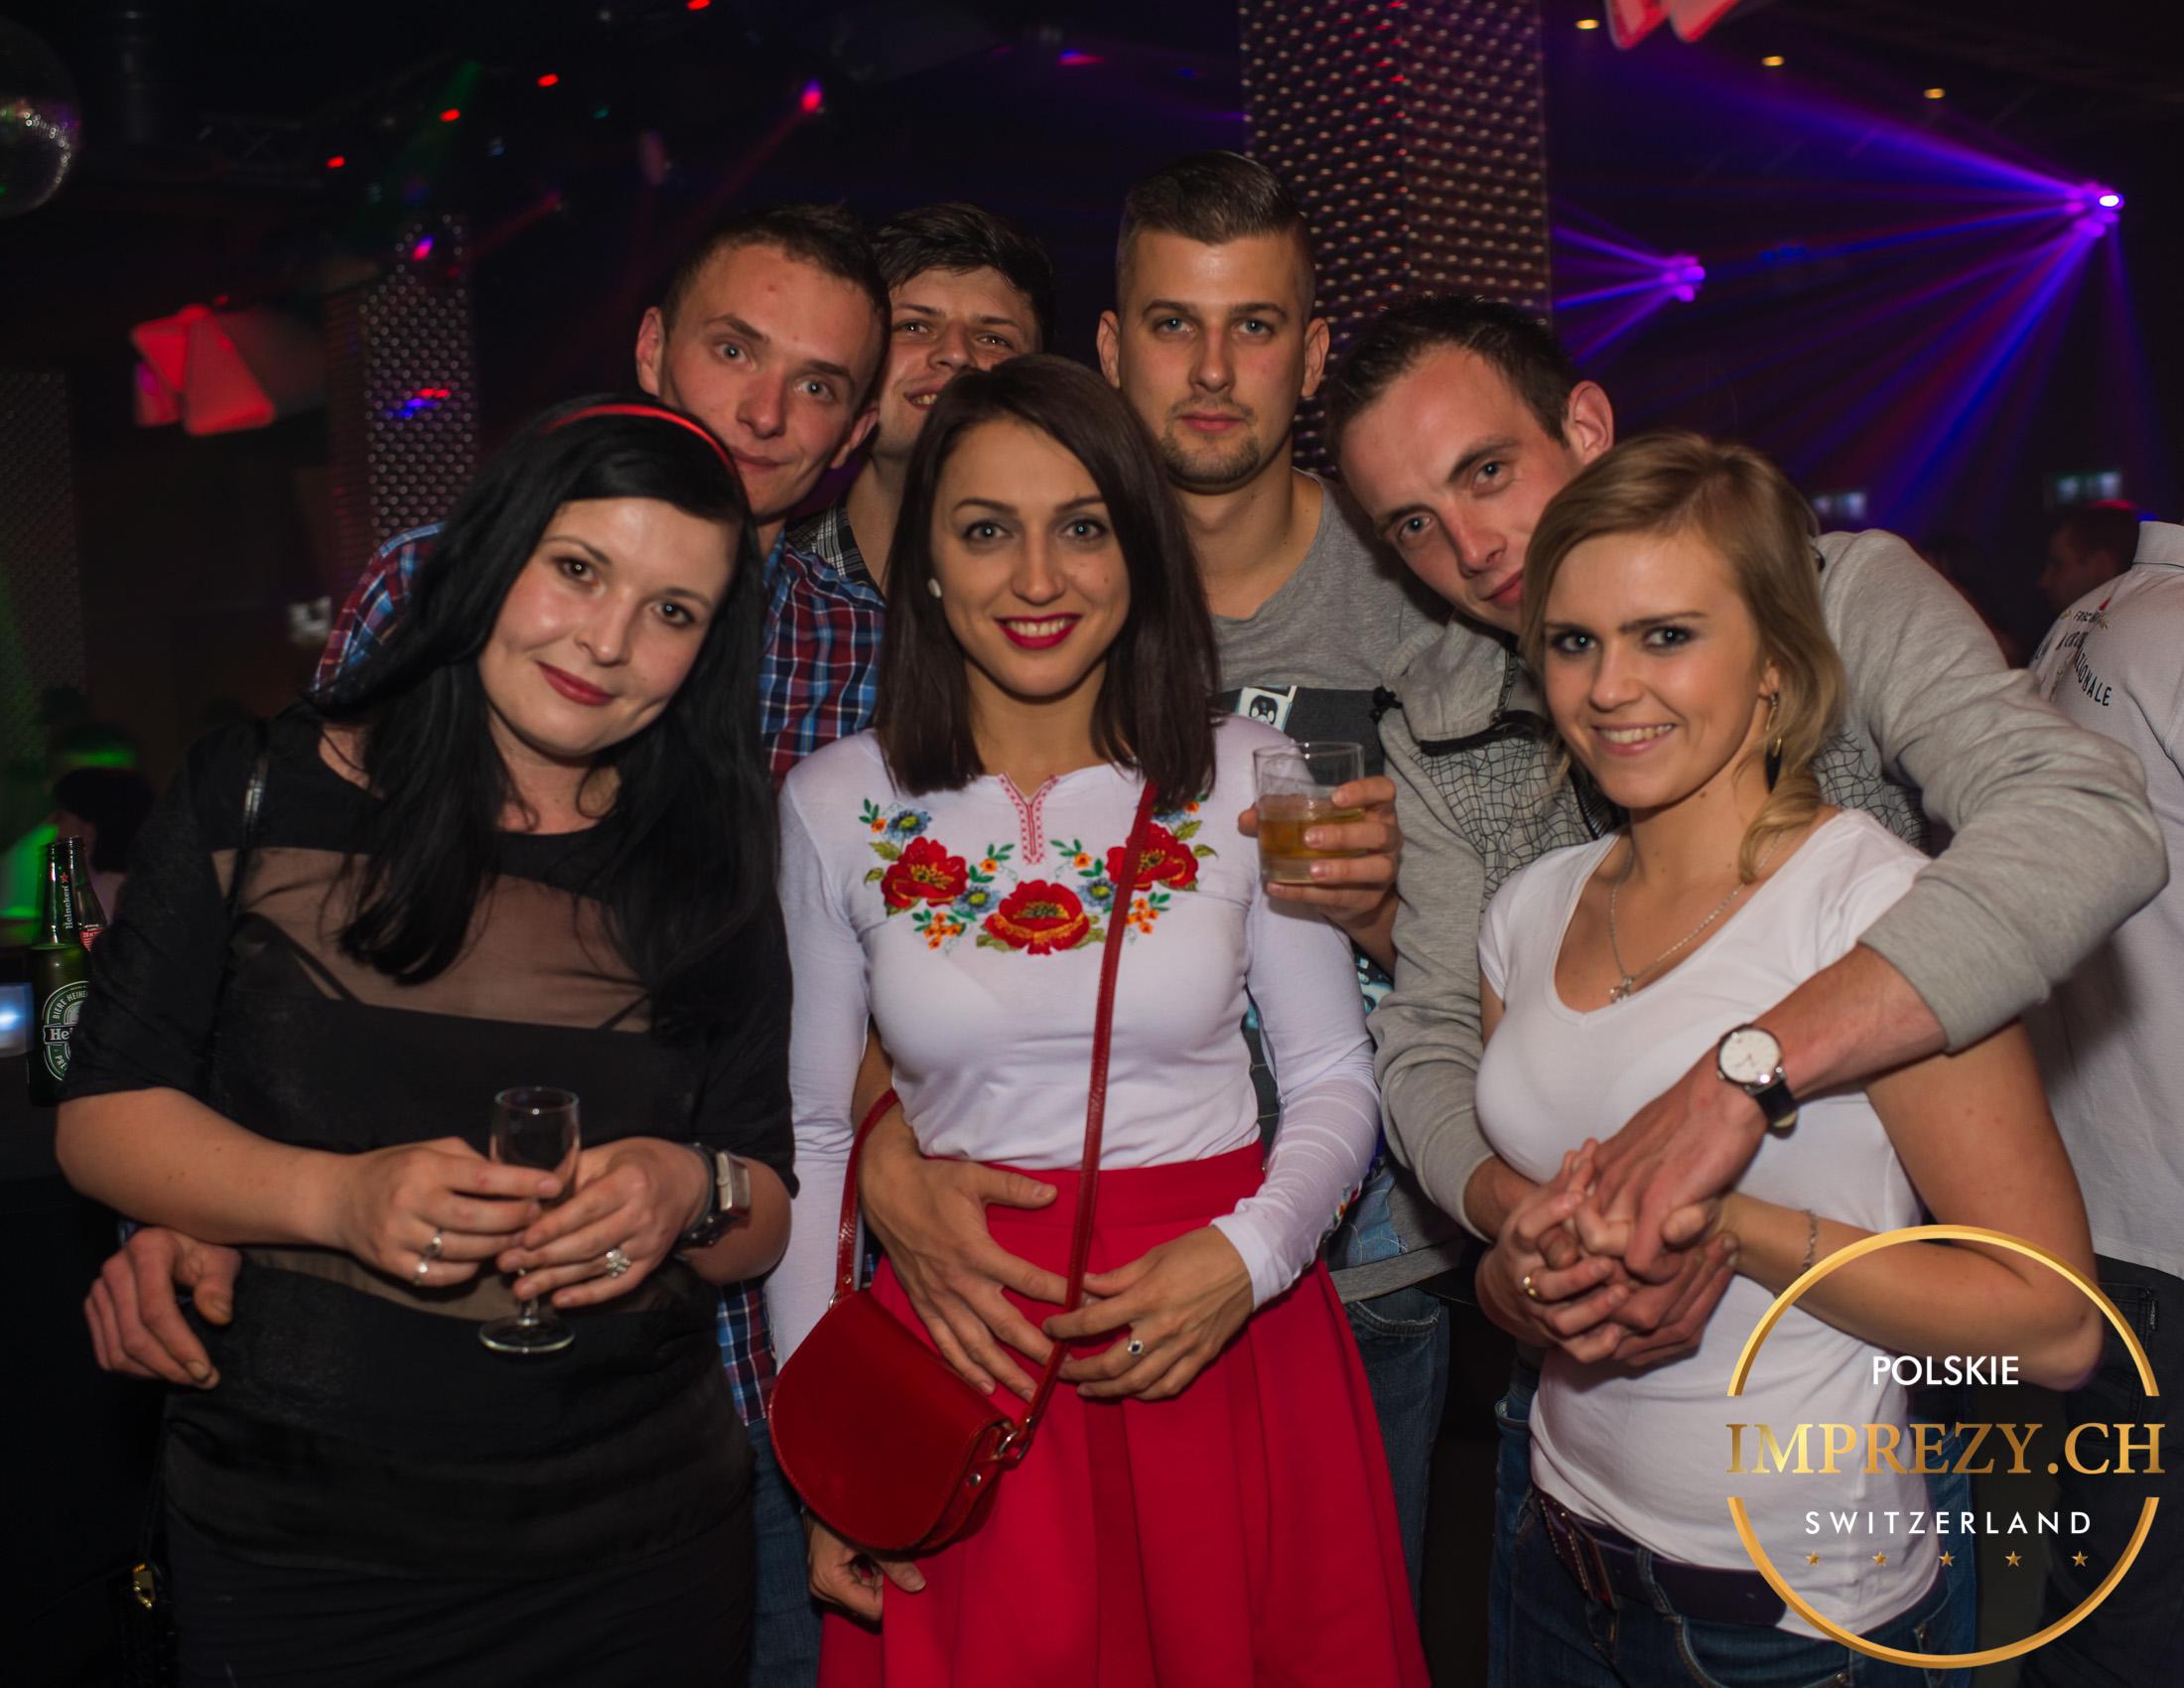 Polskie_Party_Zürich_14.05.2016-16